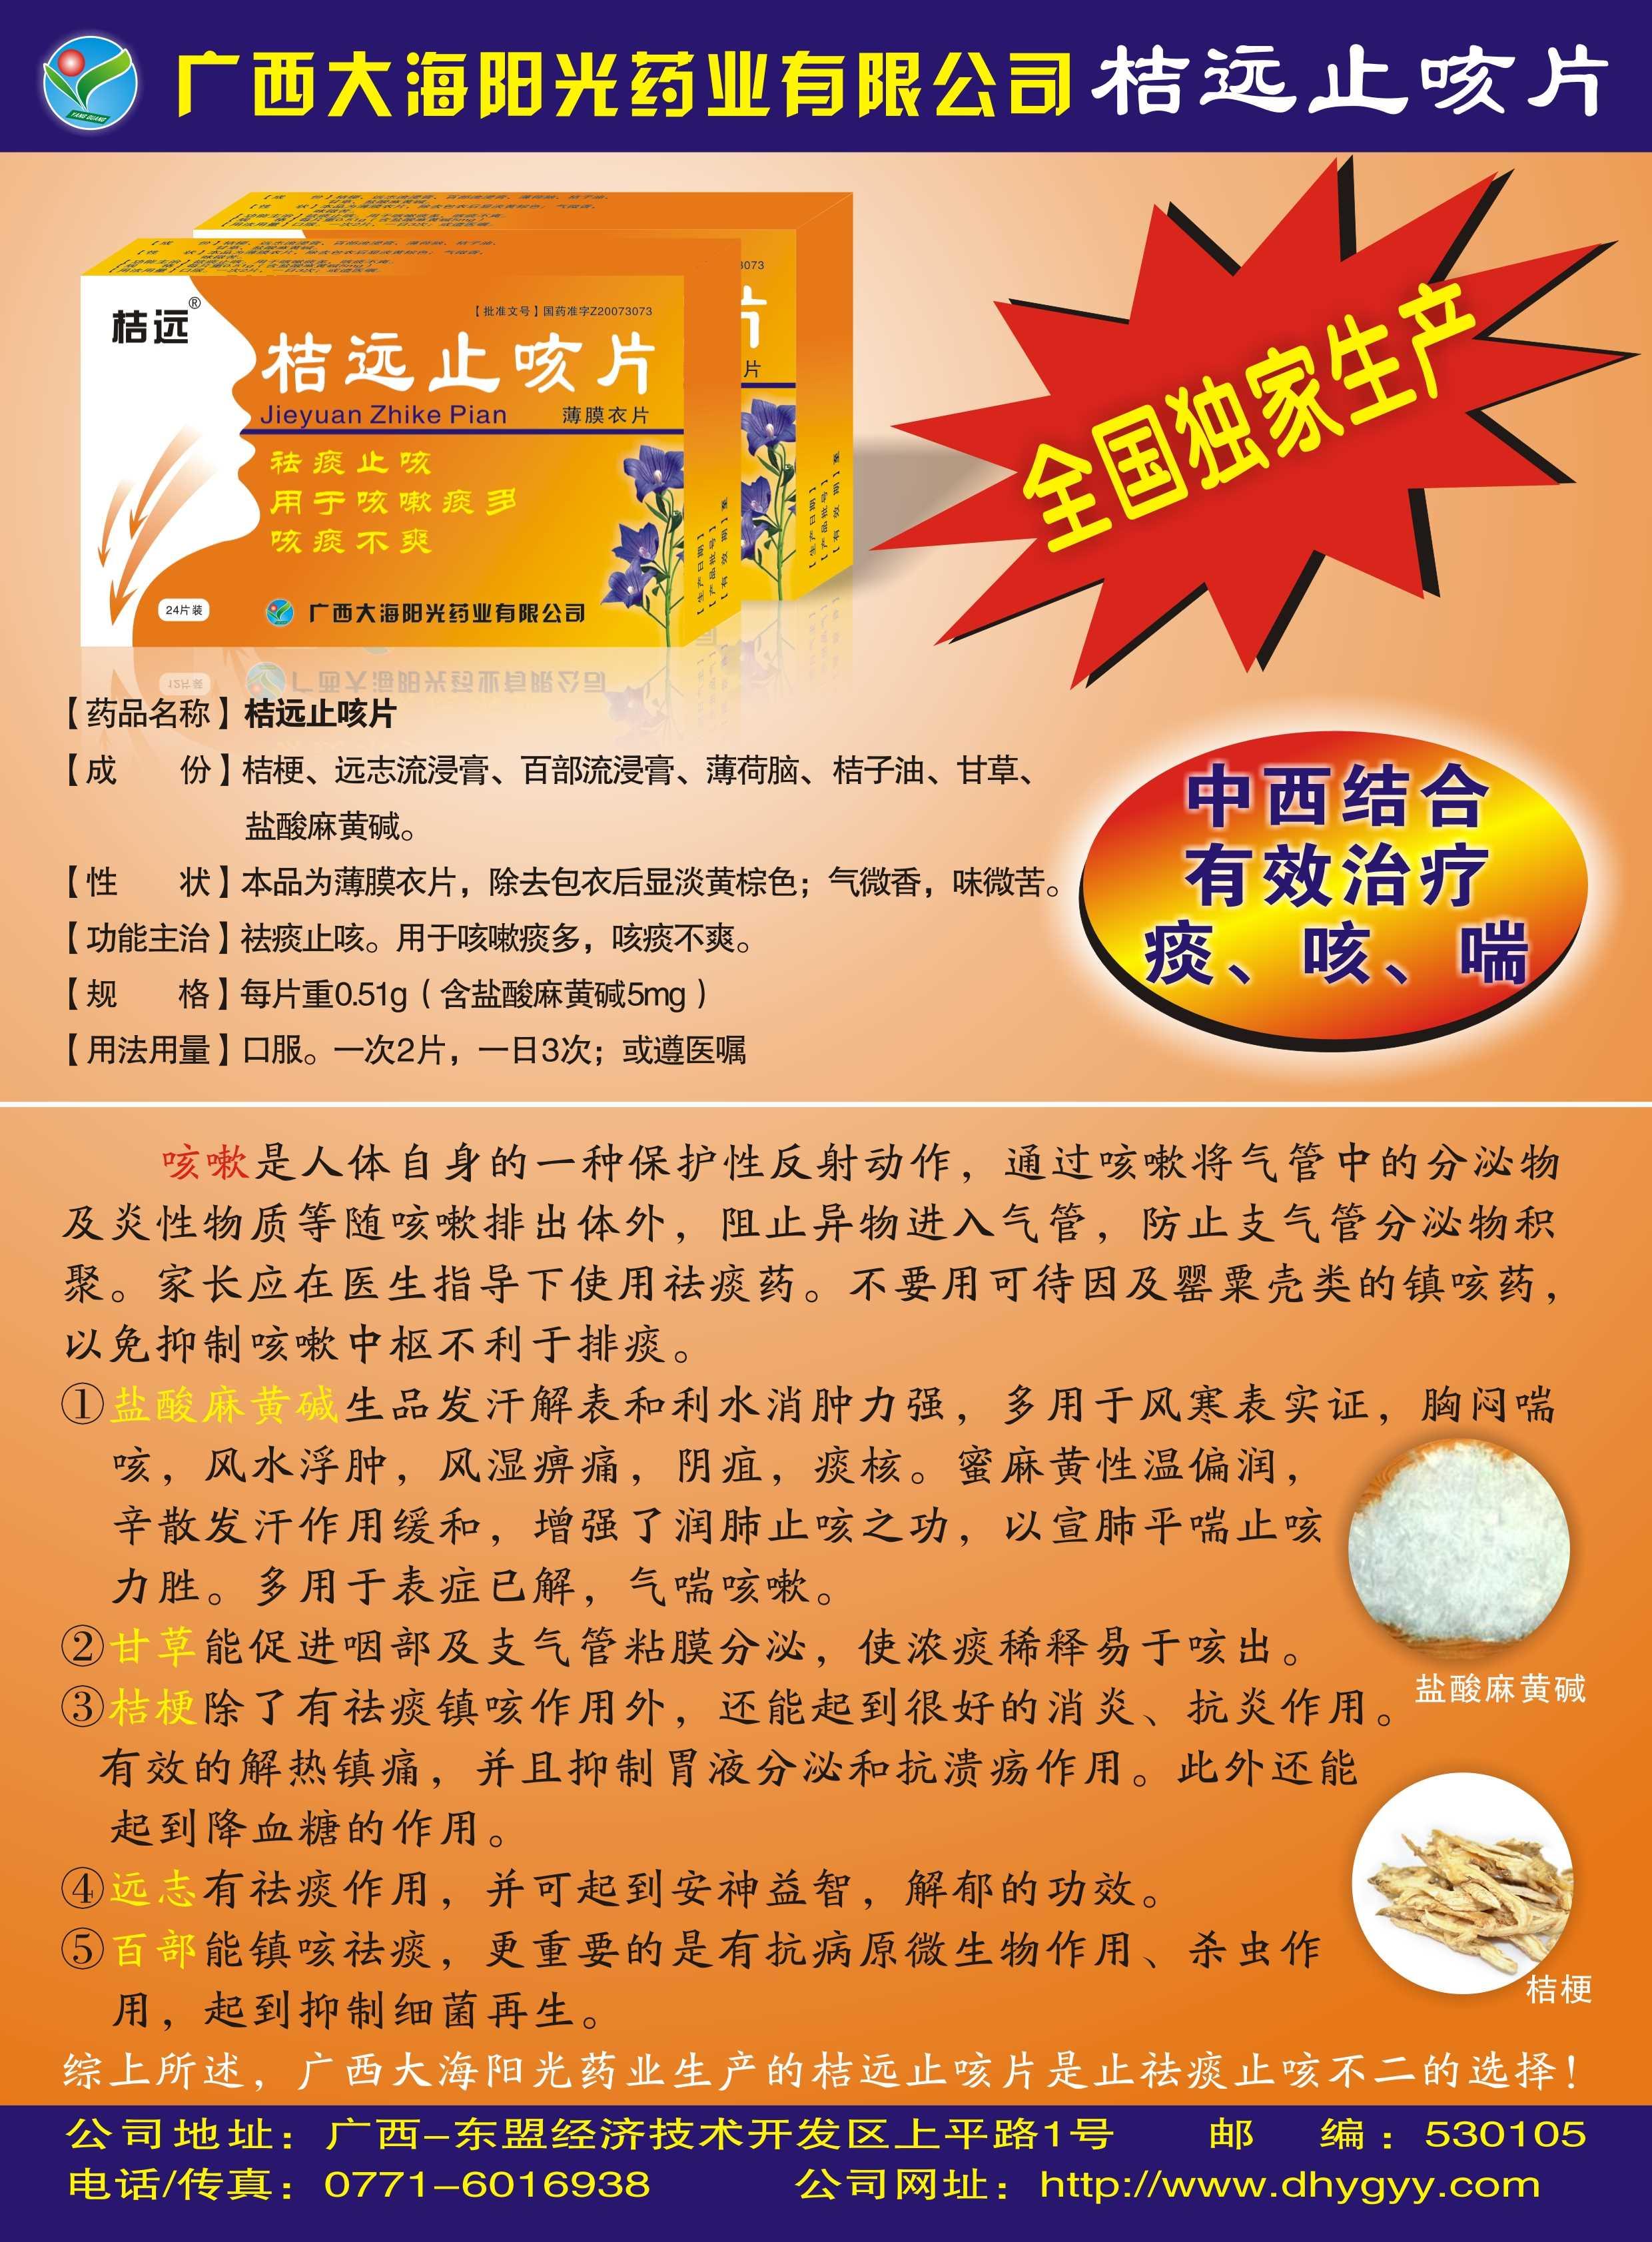 桔遠止咳片12片×2板薄膜衣片彩頁2